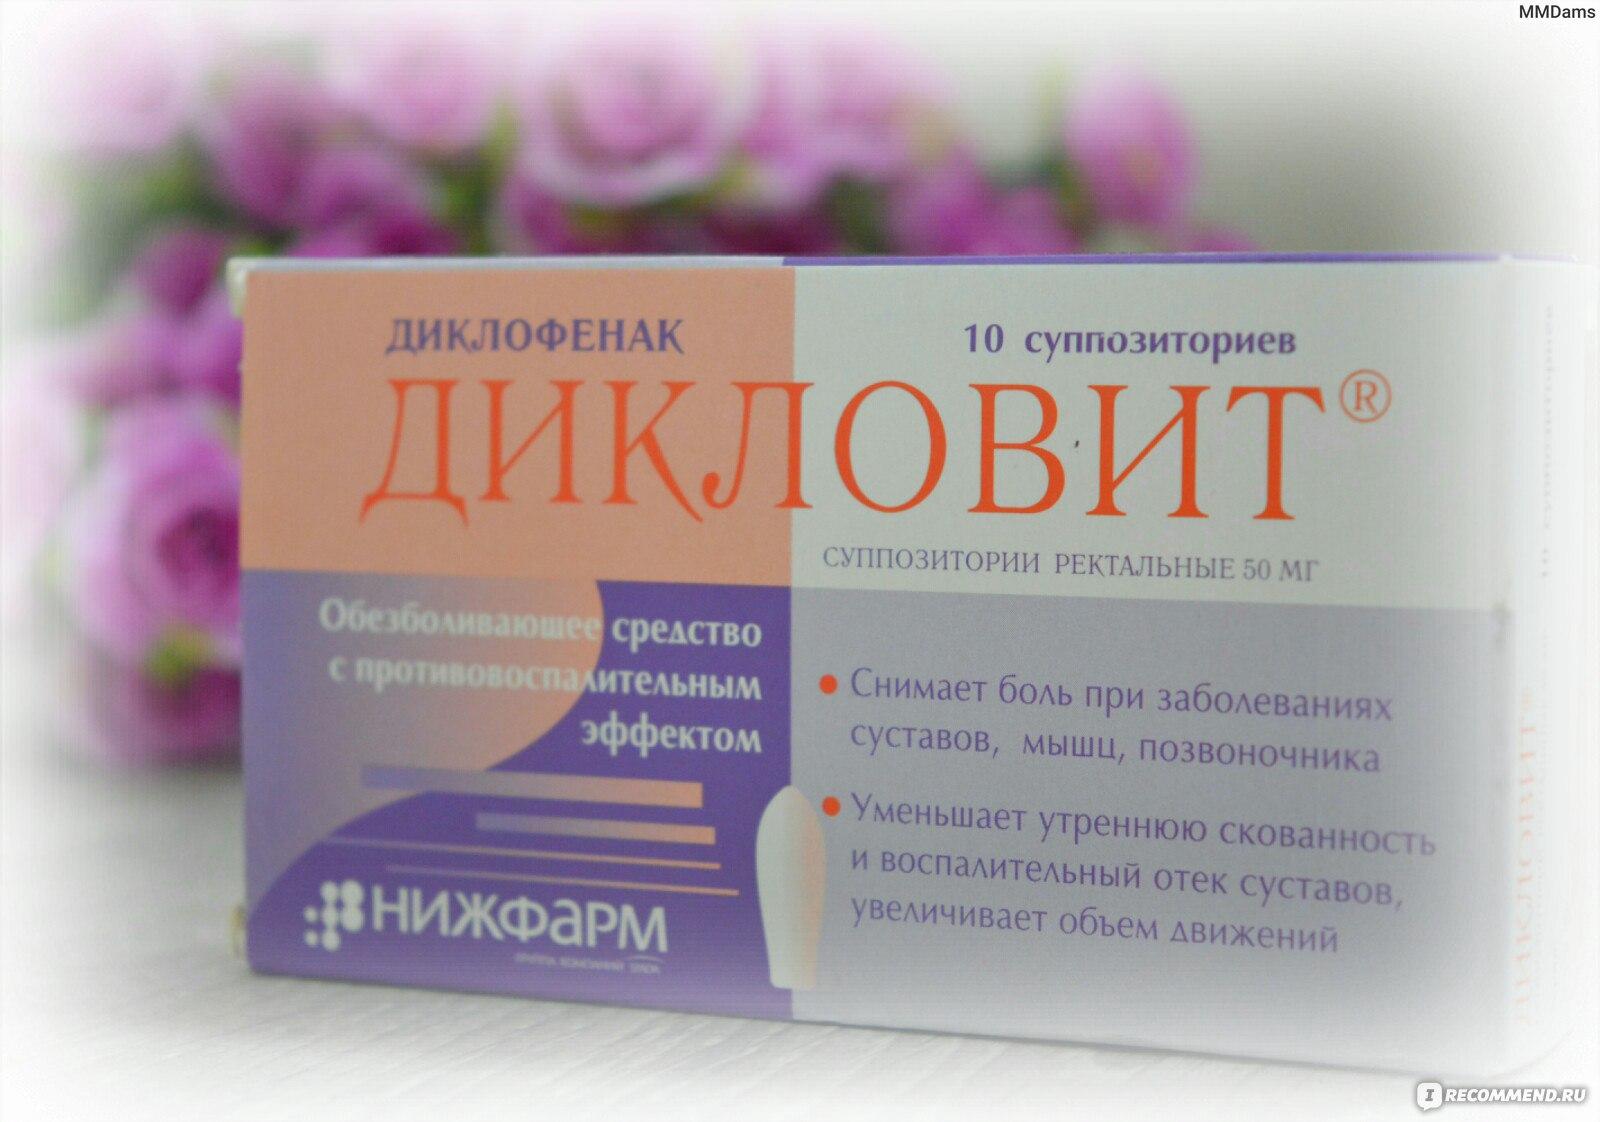 Свечи флексен в гинекологии отзывы